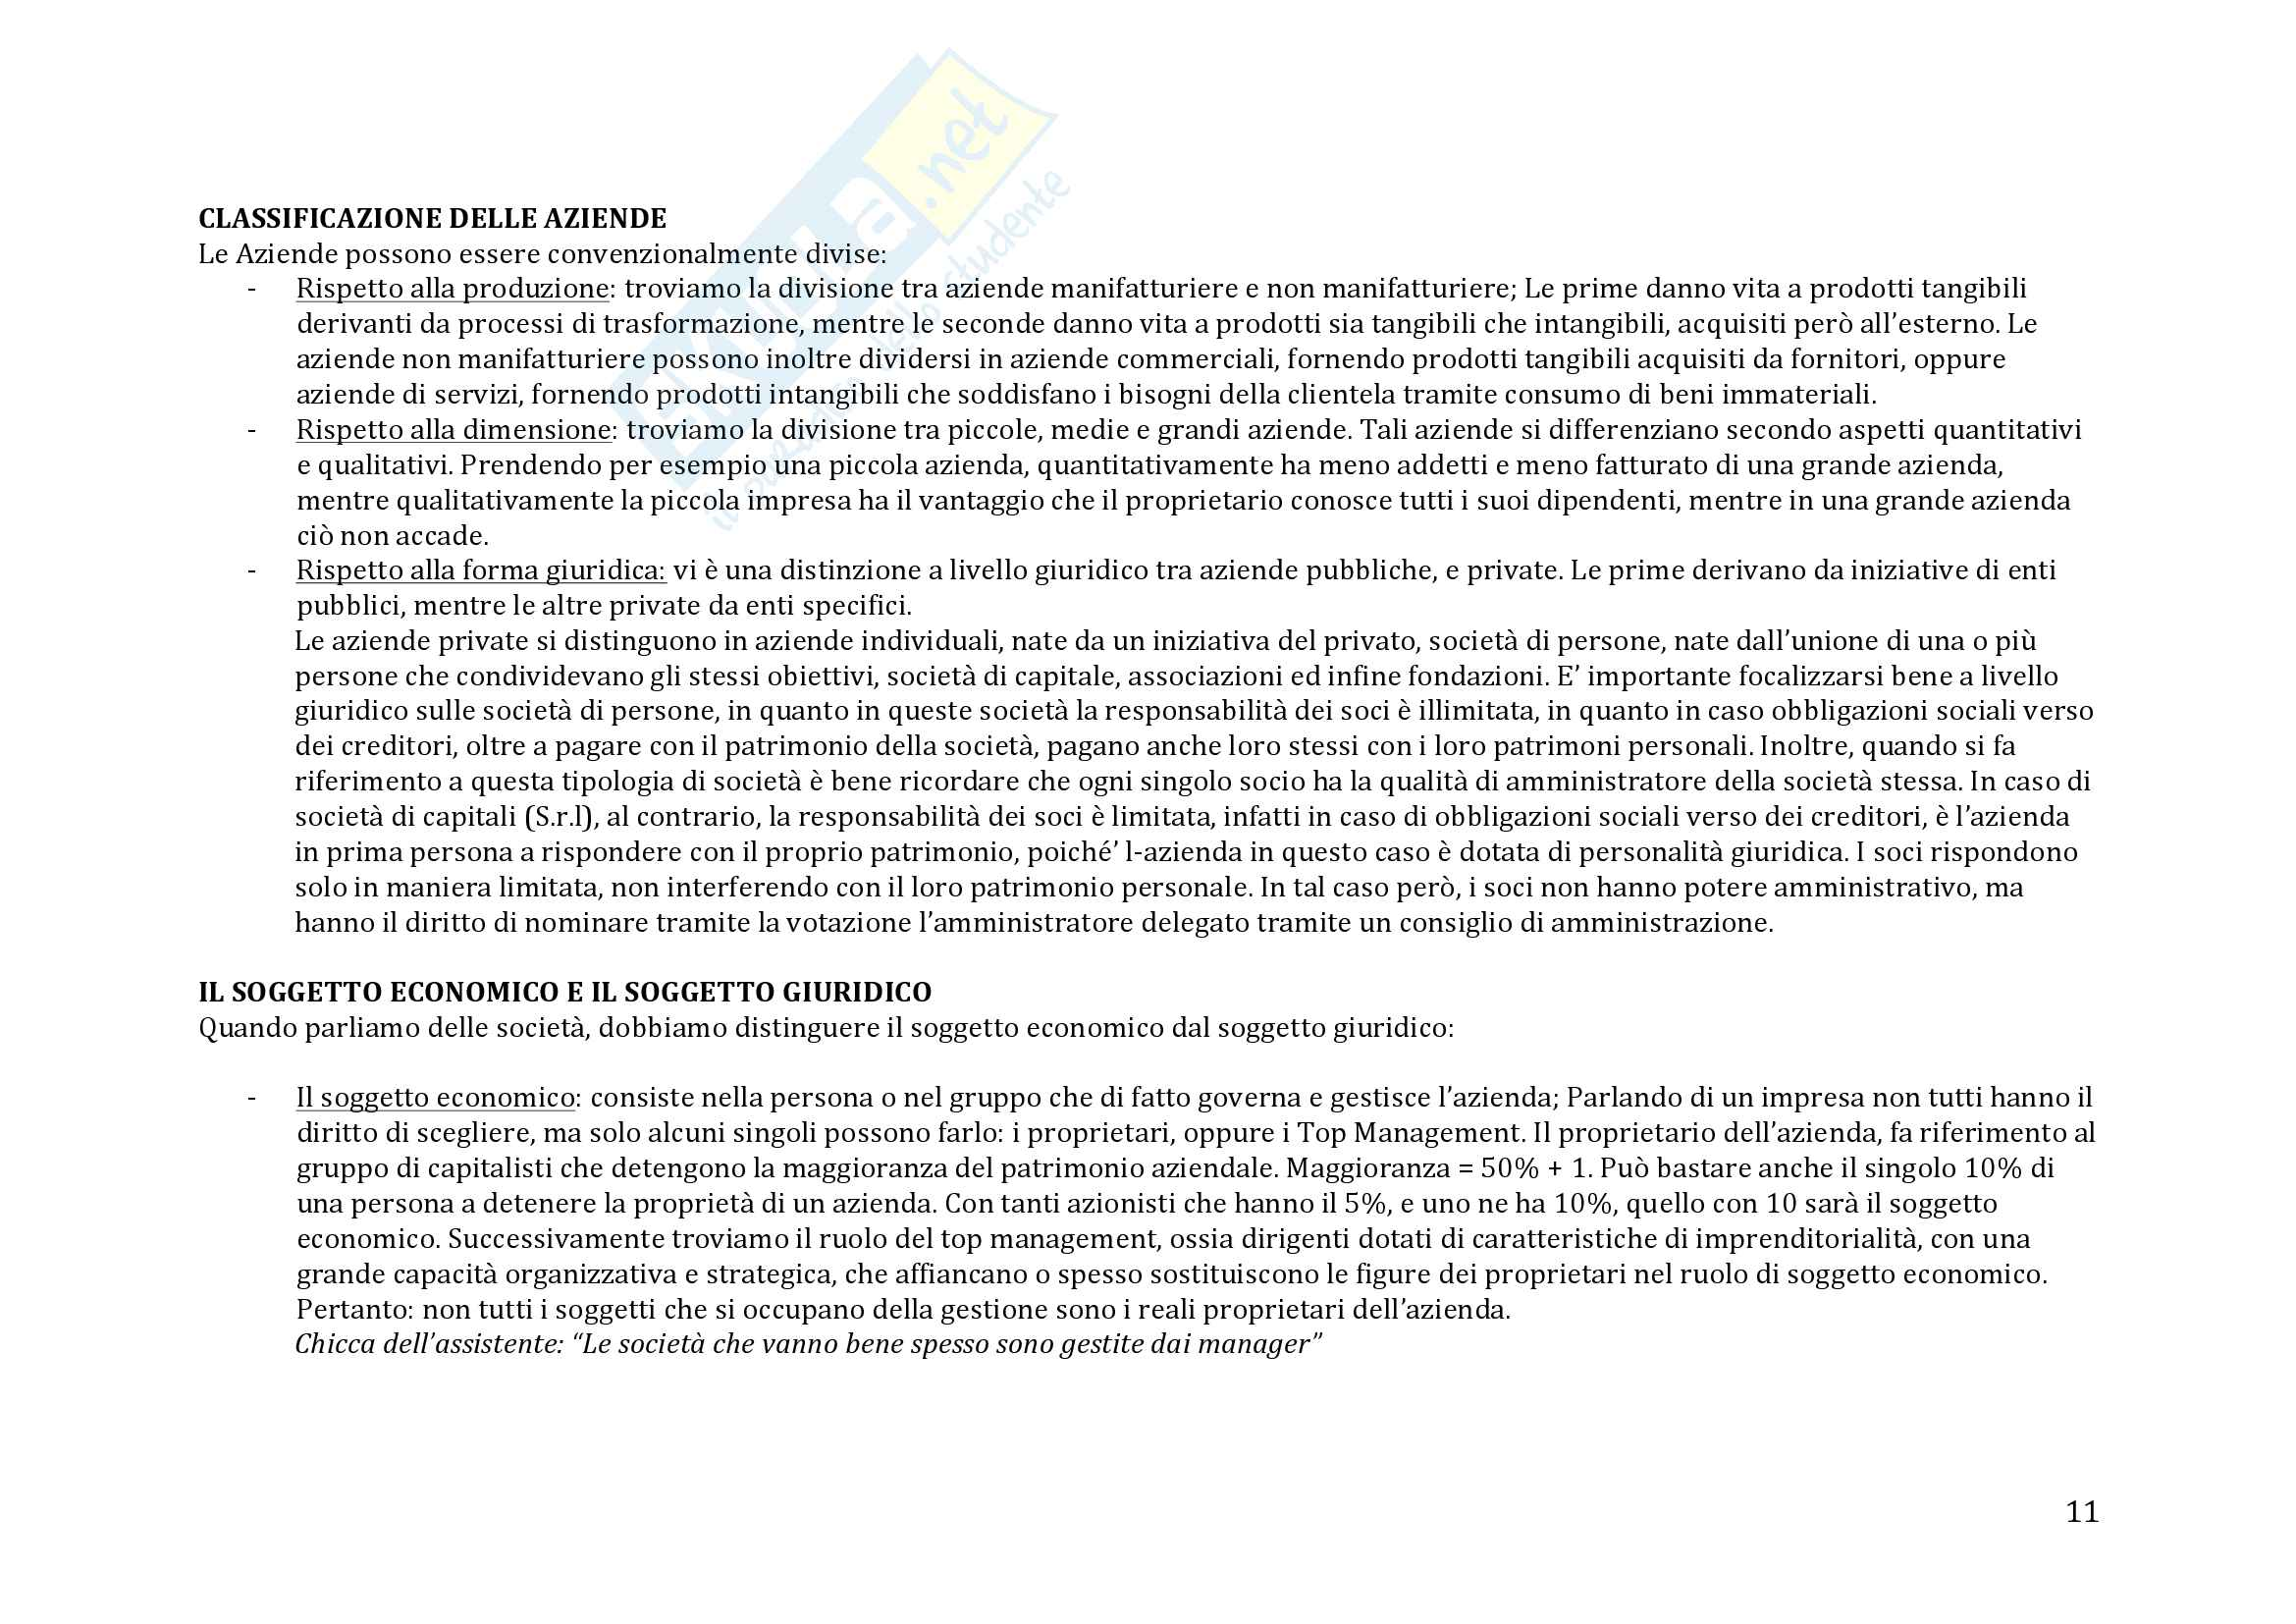 Riassunto esame Economia Aziendale - Michele Galeotti Pag. 11